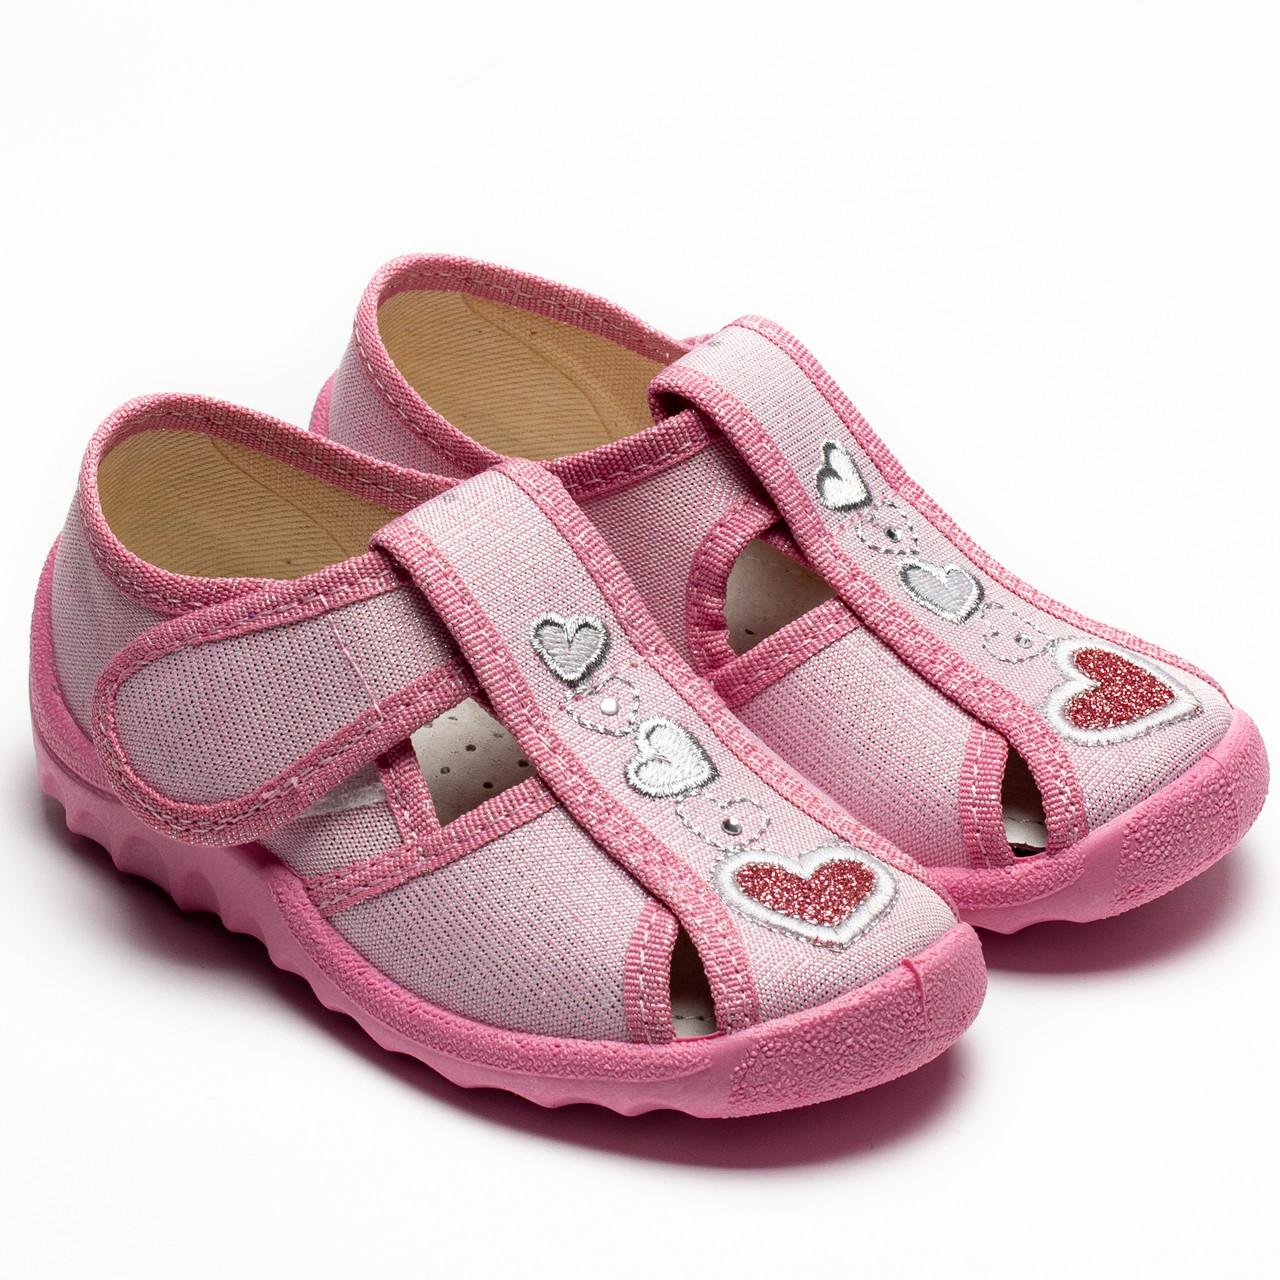 Тапочки Waldi для девочки, модель Маша, розовые с сердечком,  размер 21-27